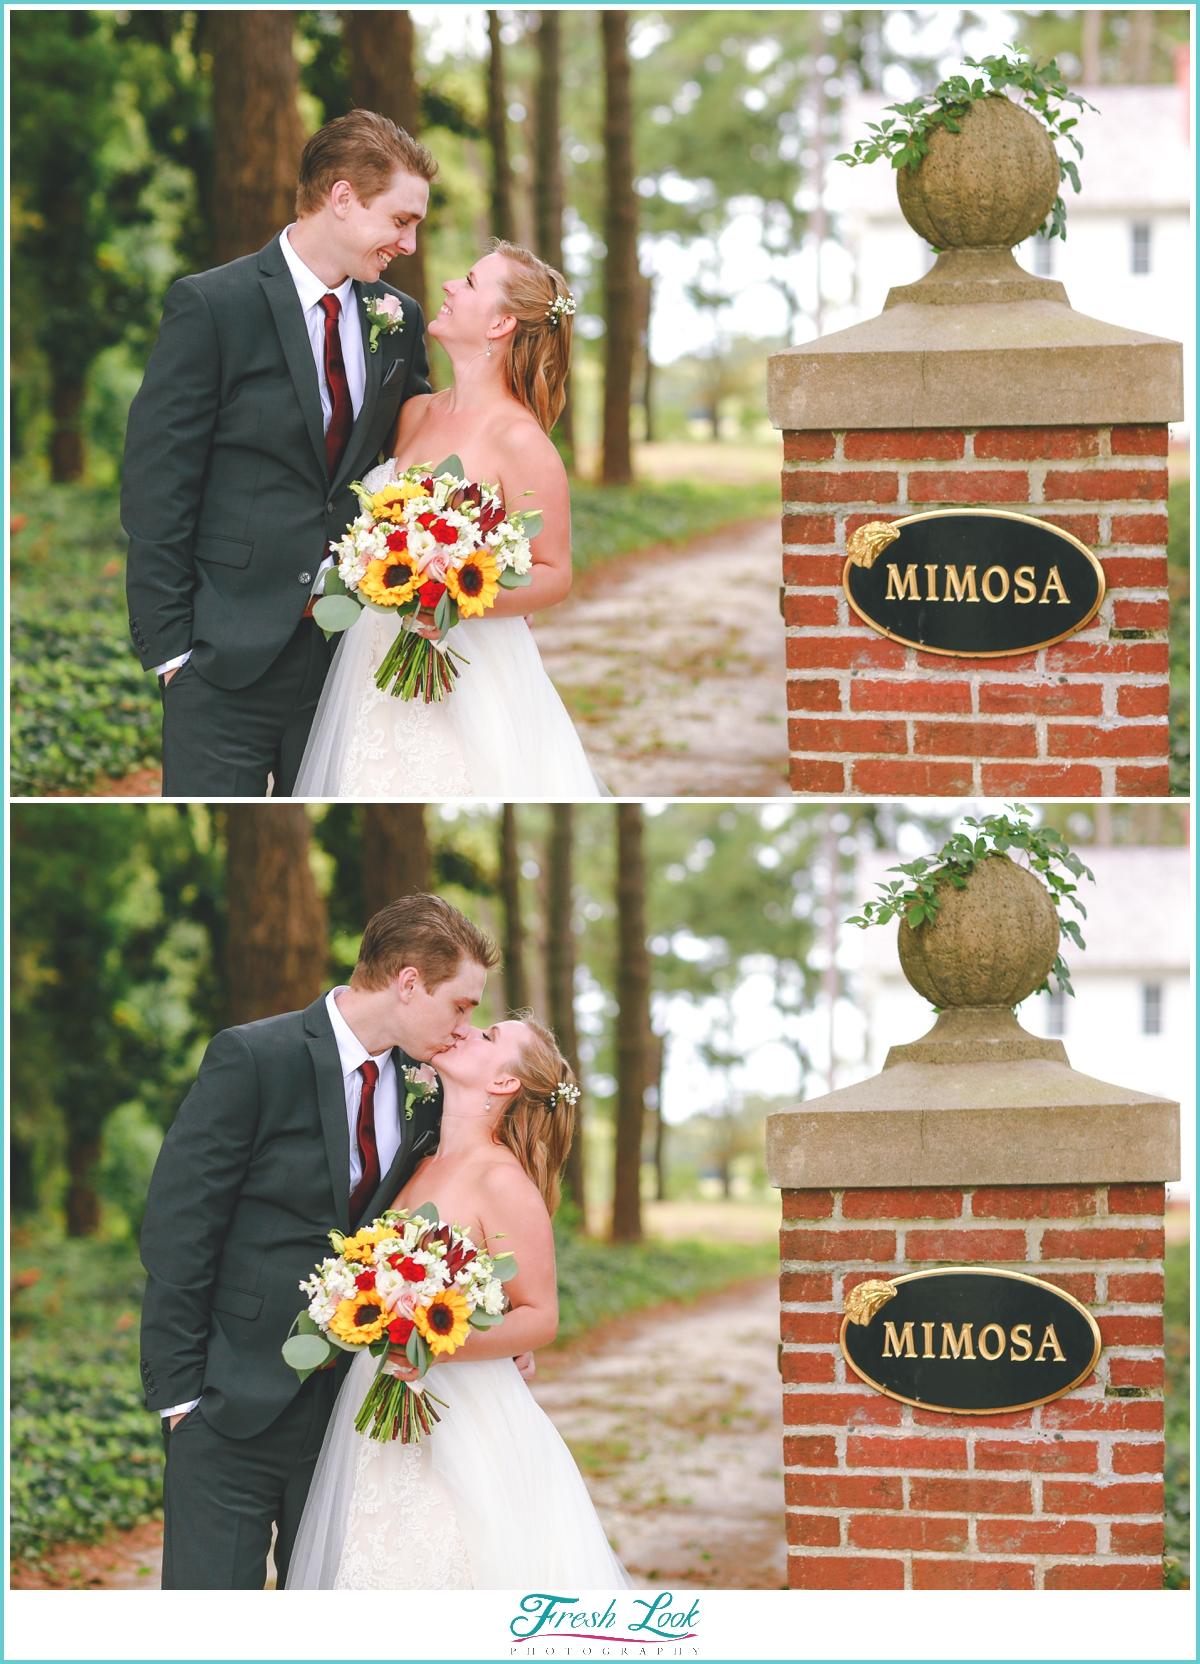 Mimosa Barn wedding bride and groom